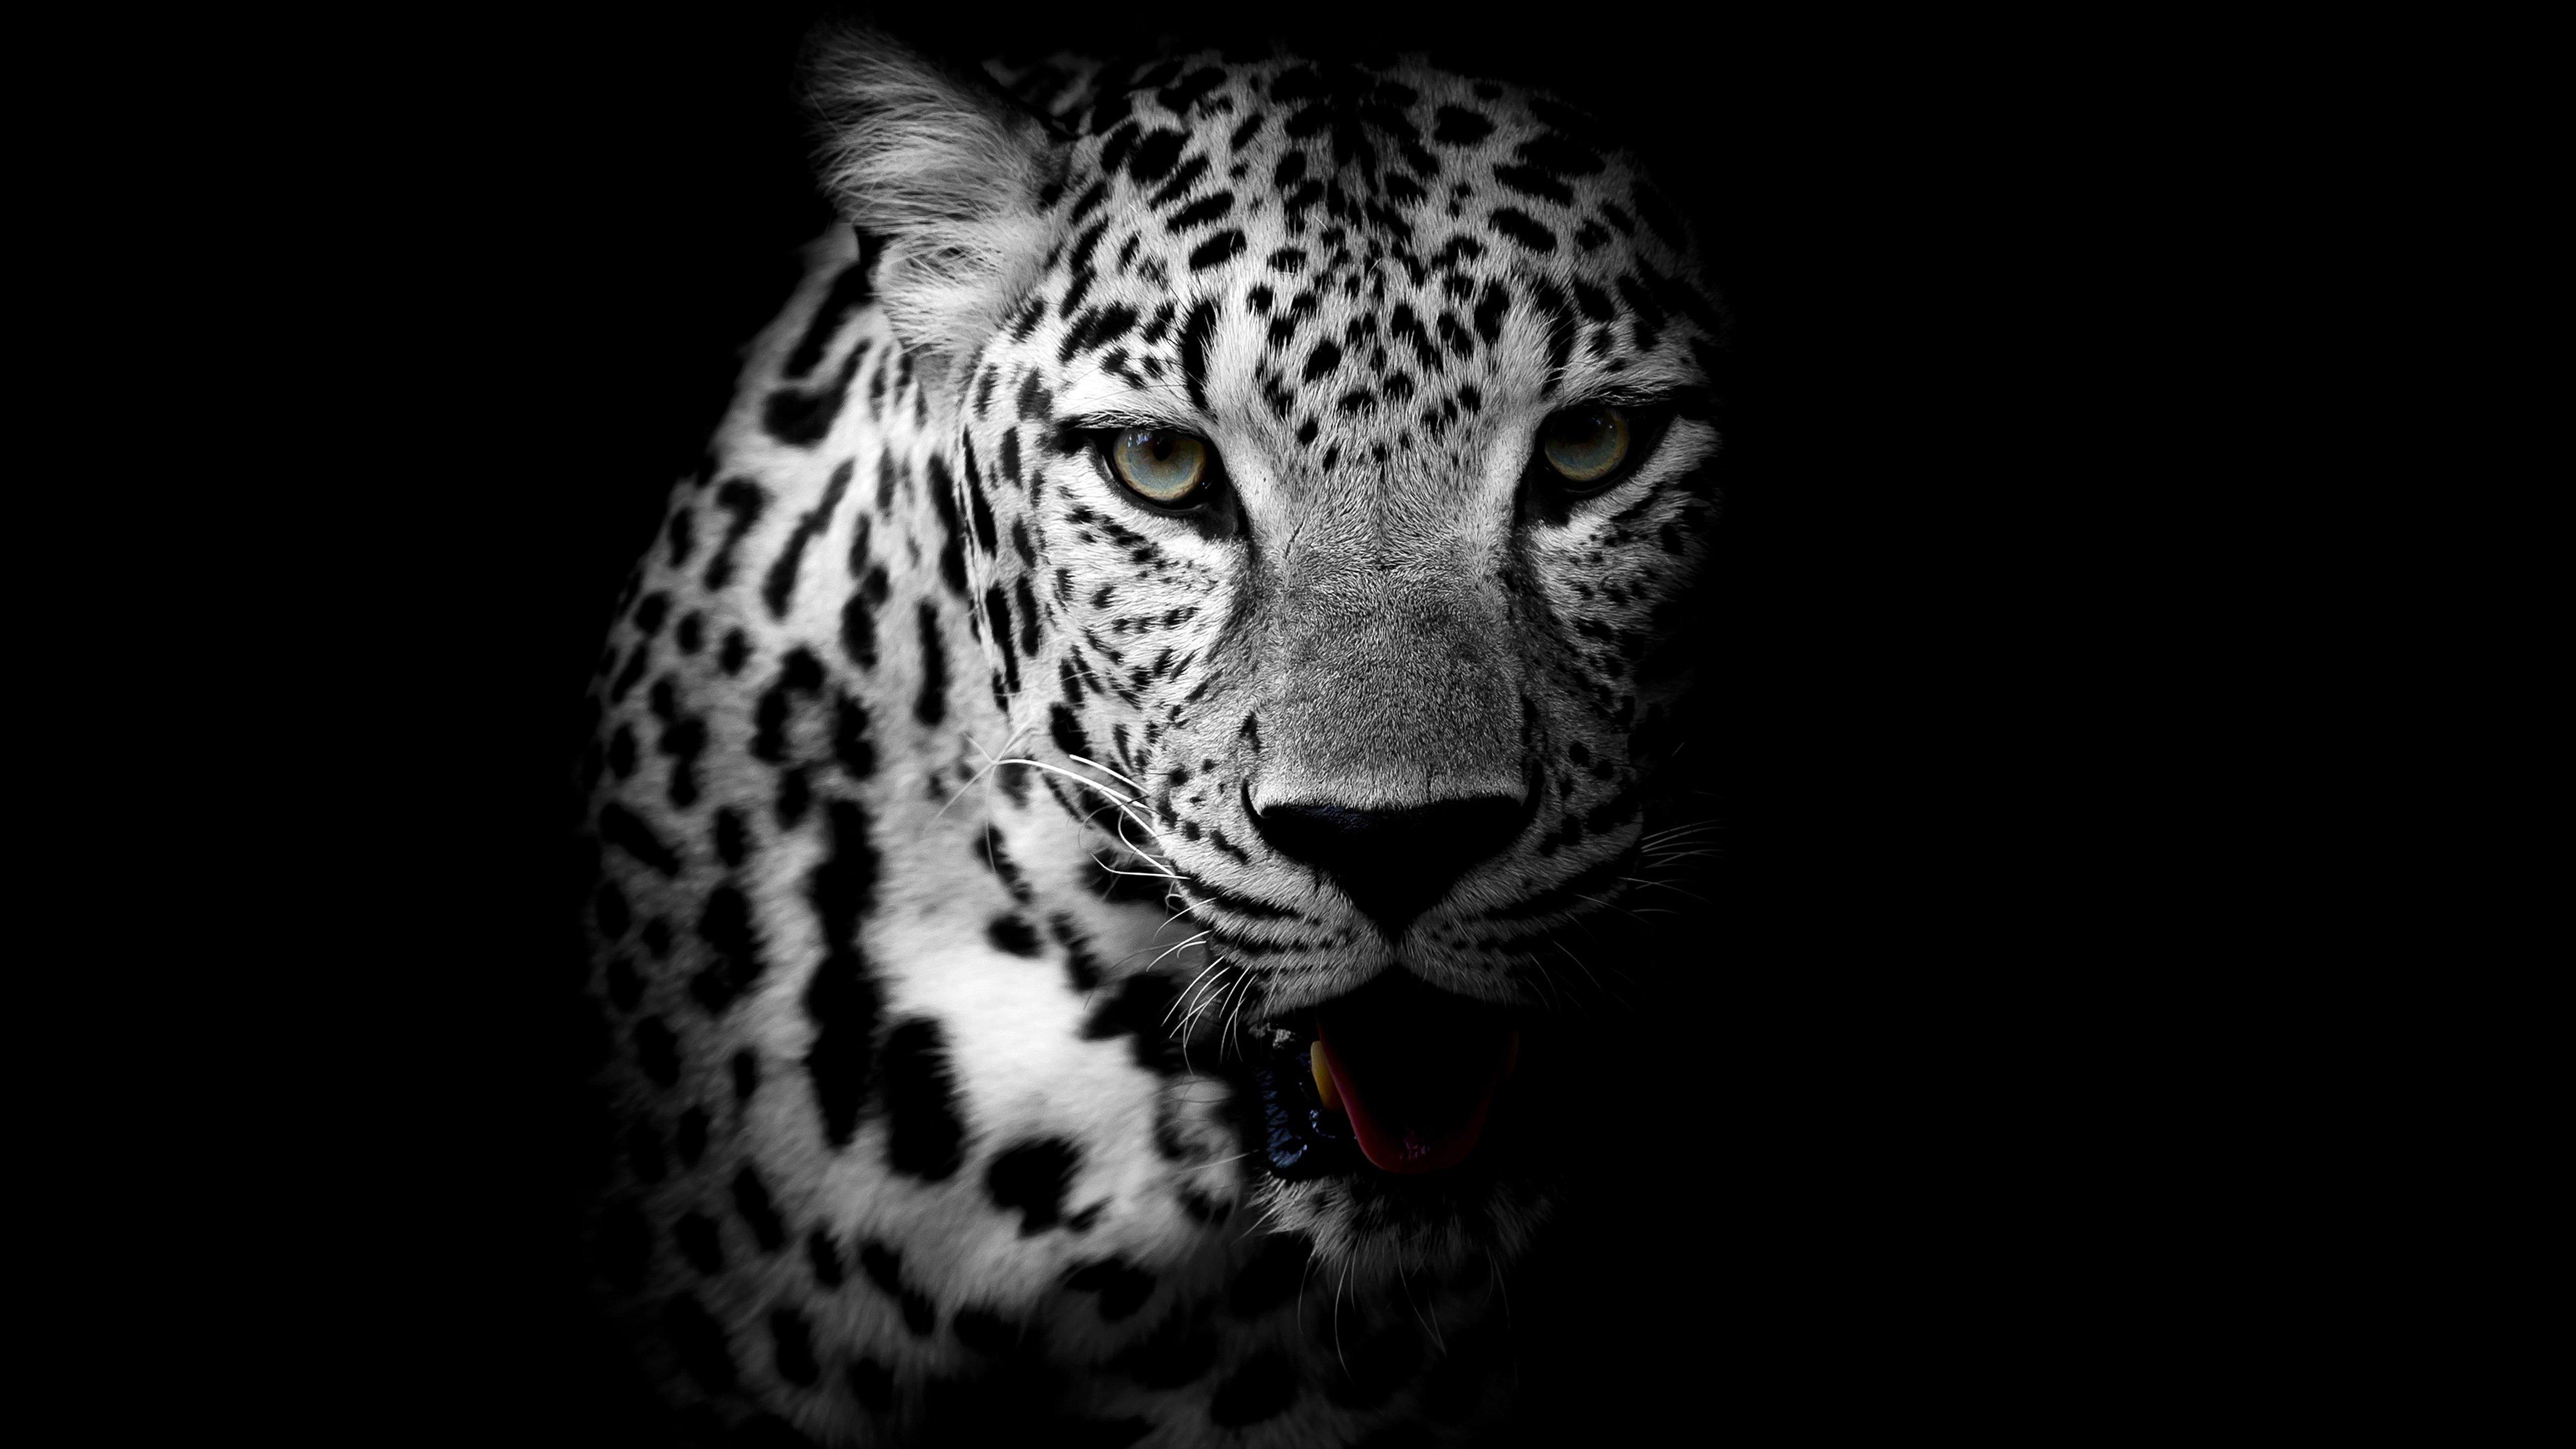 Fondos de pantalla Leopardo en Blanco y Negro